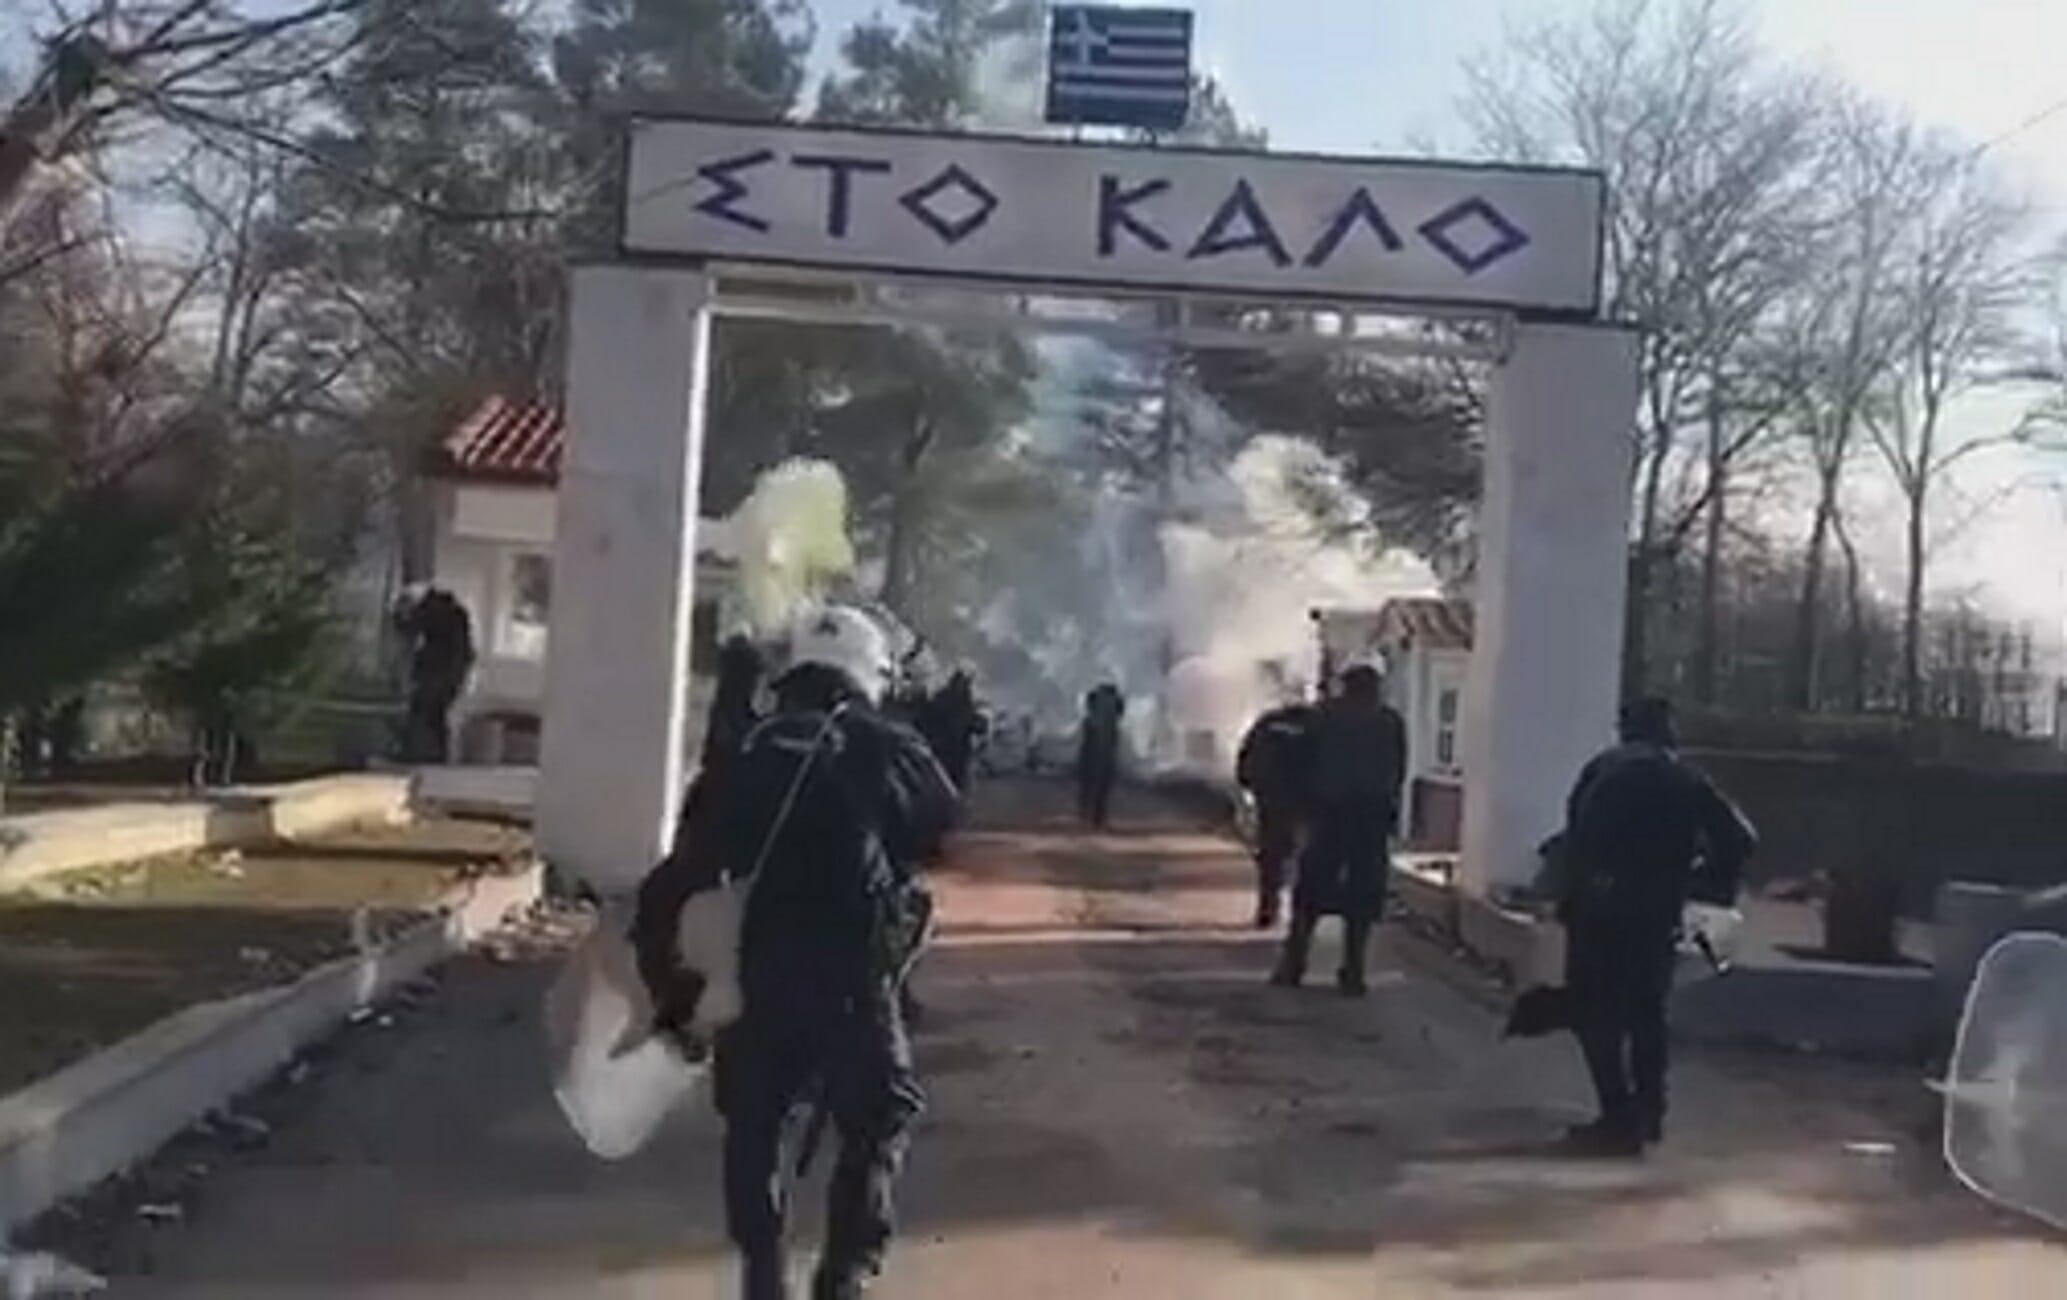 Έβρος: Νέα επεισόδια στις Καστανιές! Χημικά και δακρυγόνα στα σύνορα